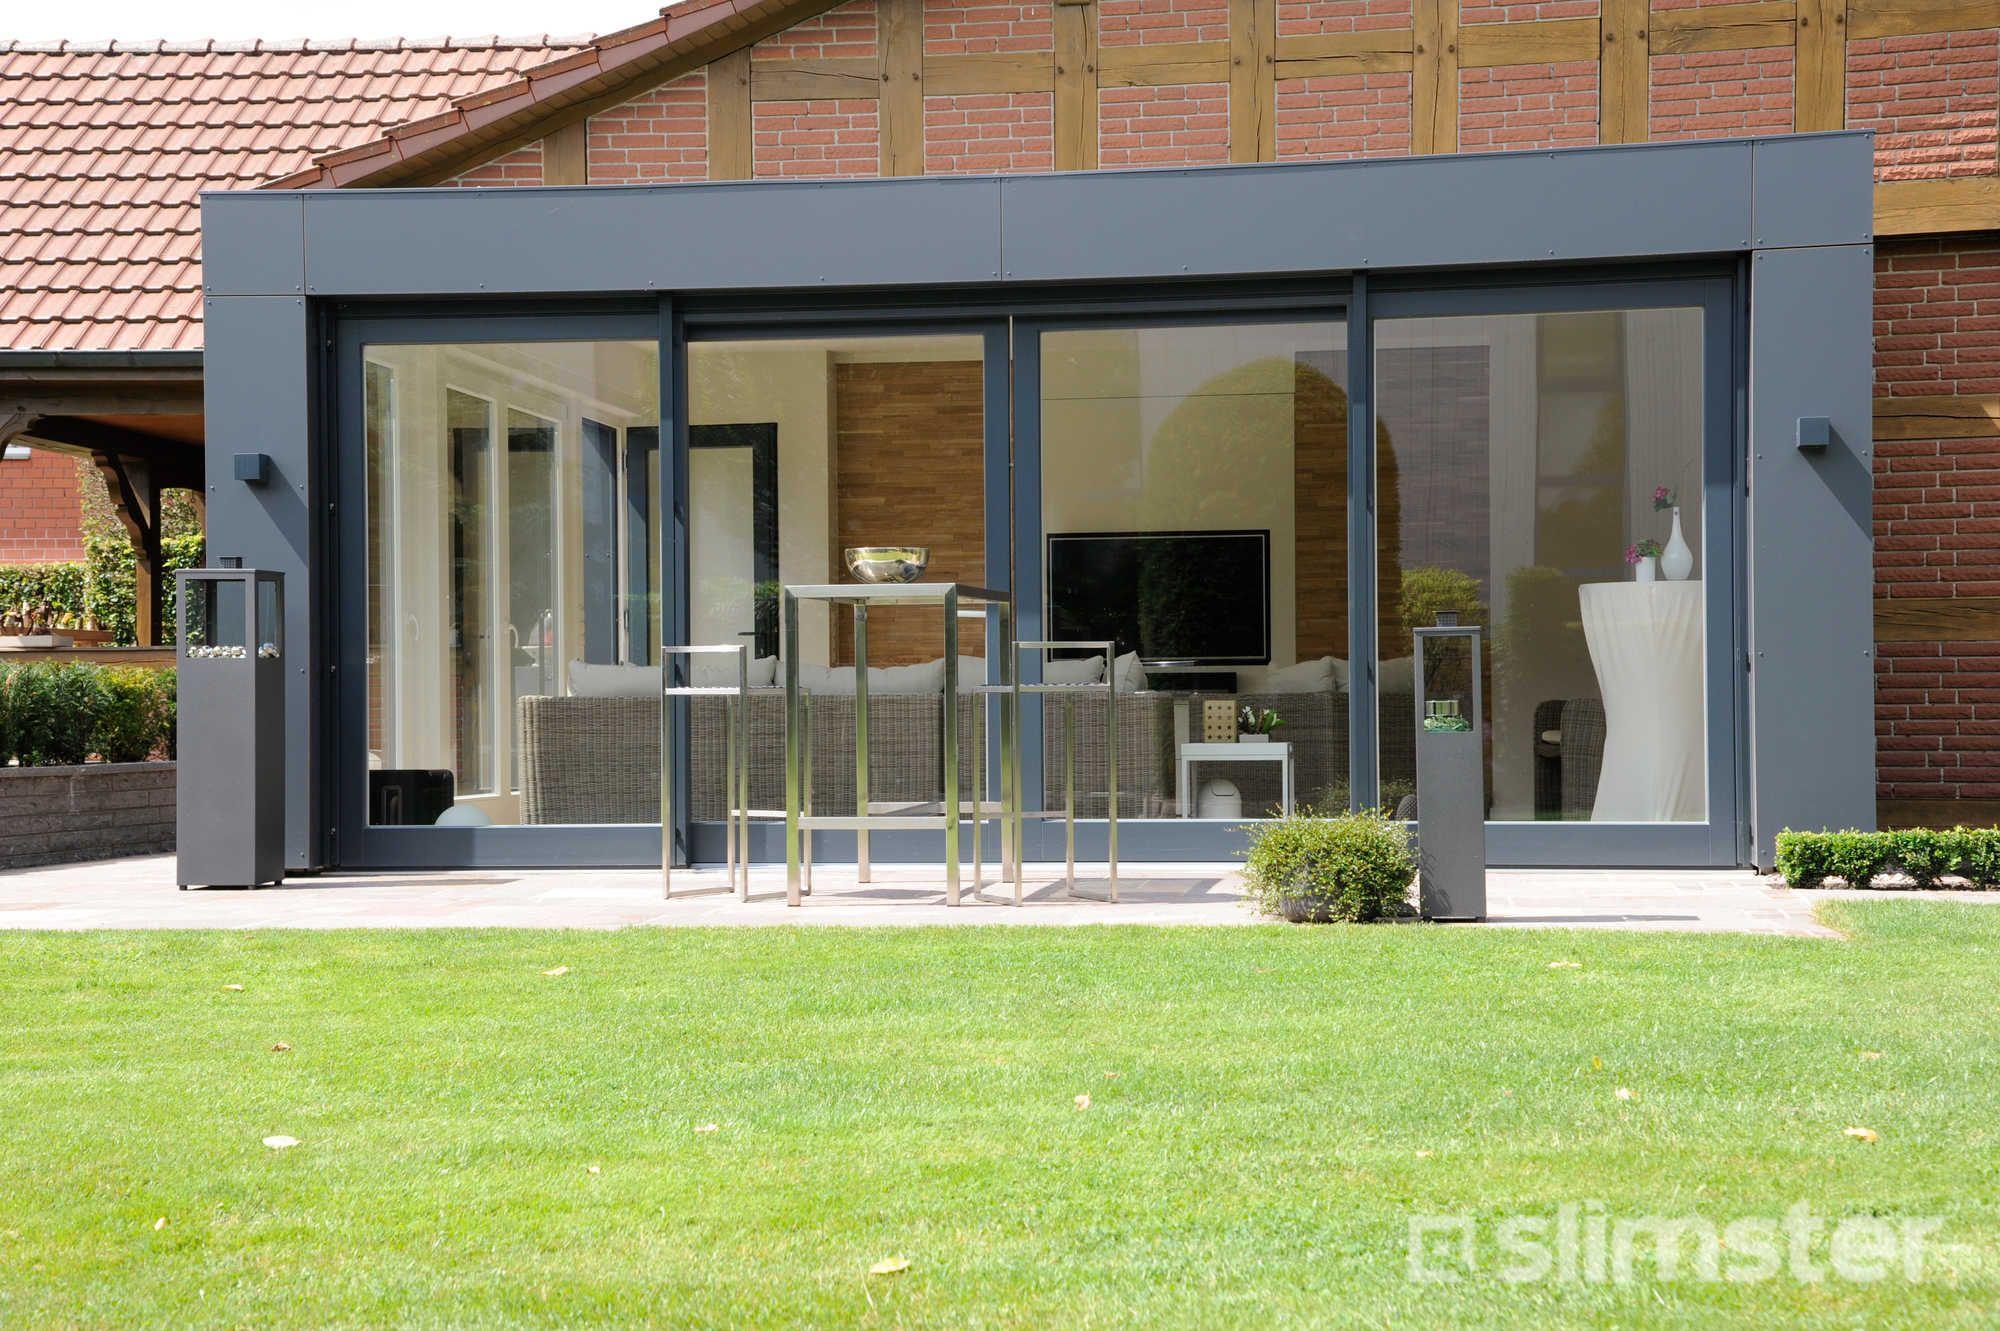 Afbeeldingsresultaat voor uitbouw woning voorbeelden   Stijl ...